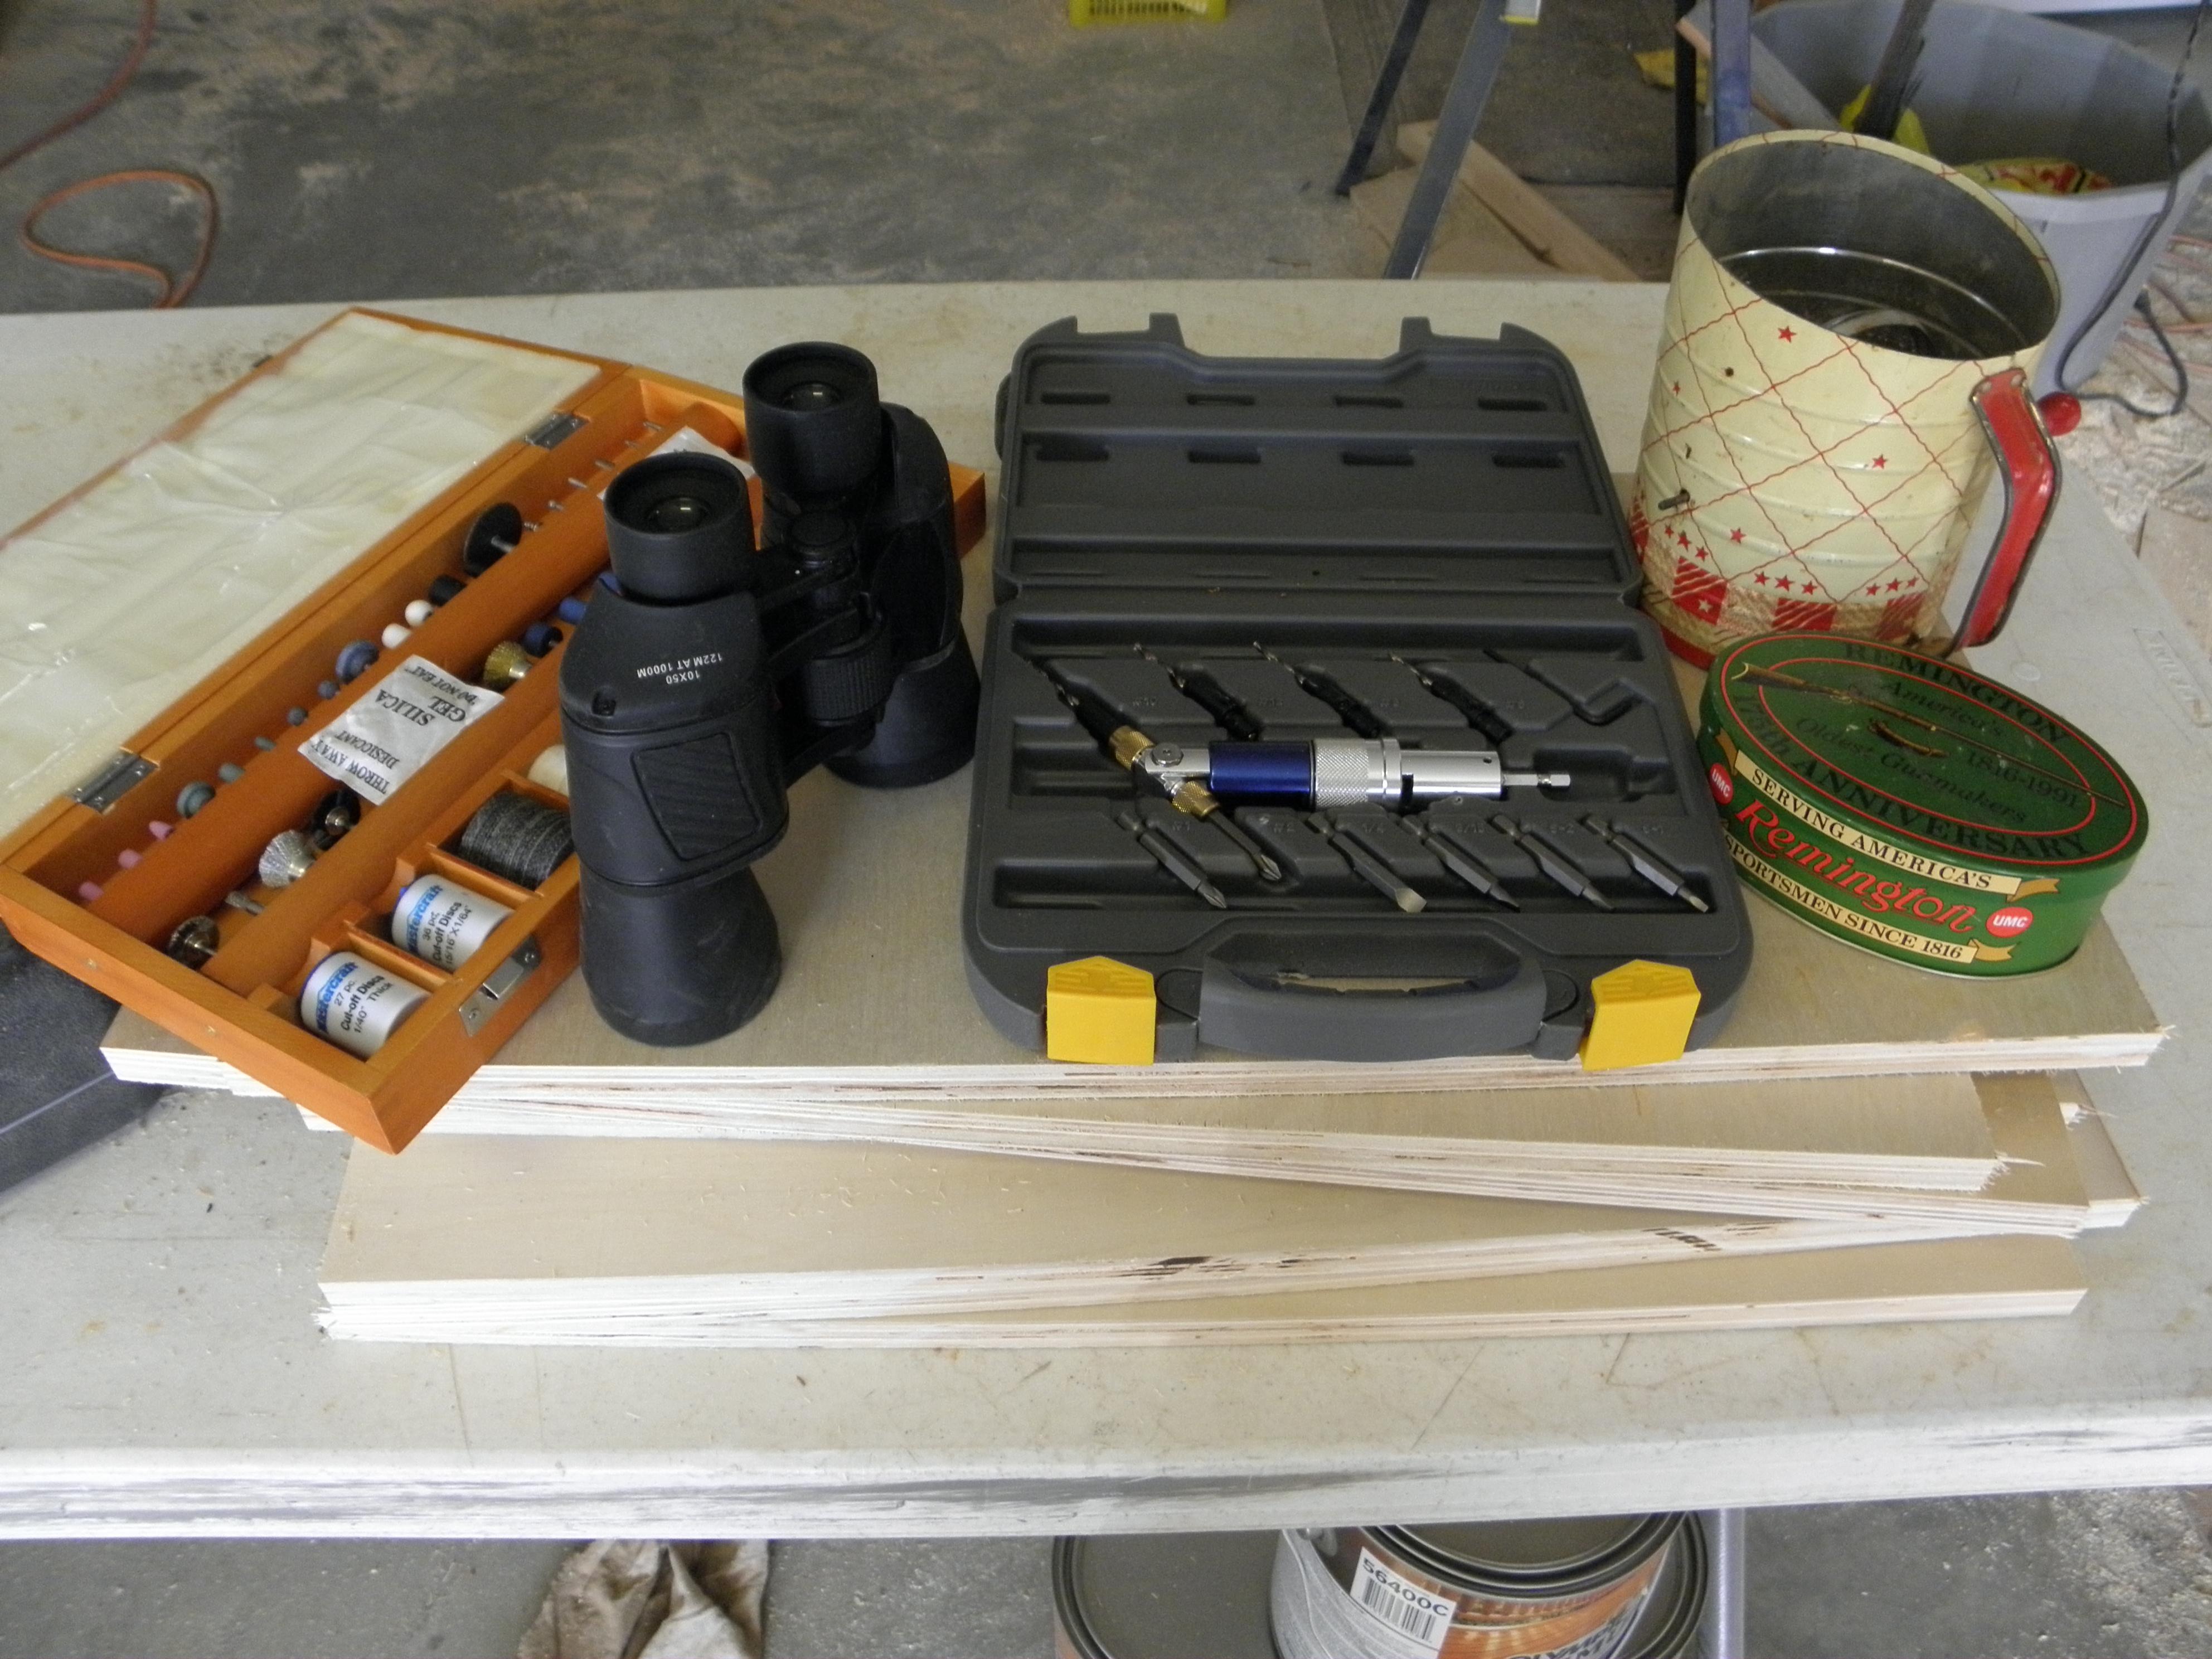 Rotary Tool Accessories & Drill Bit Kit